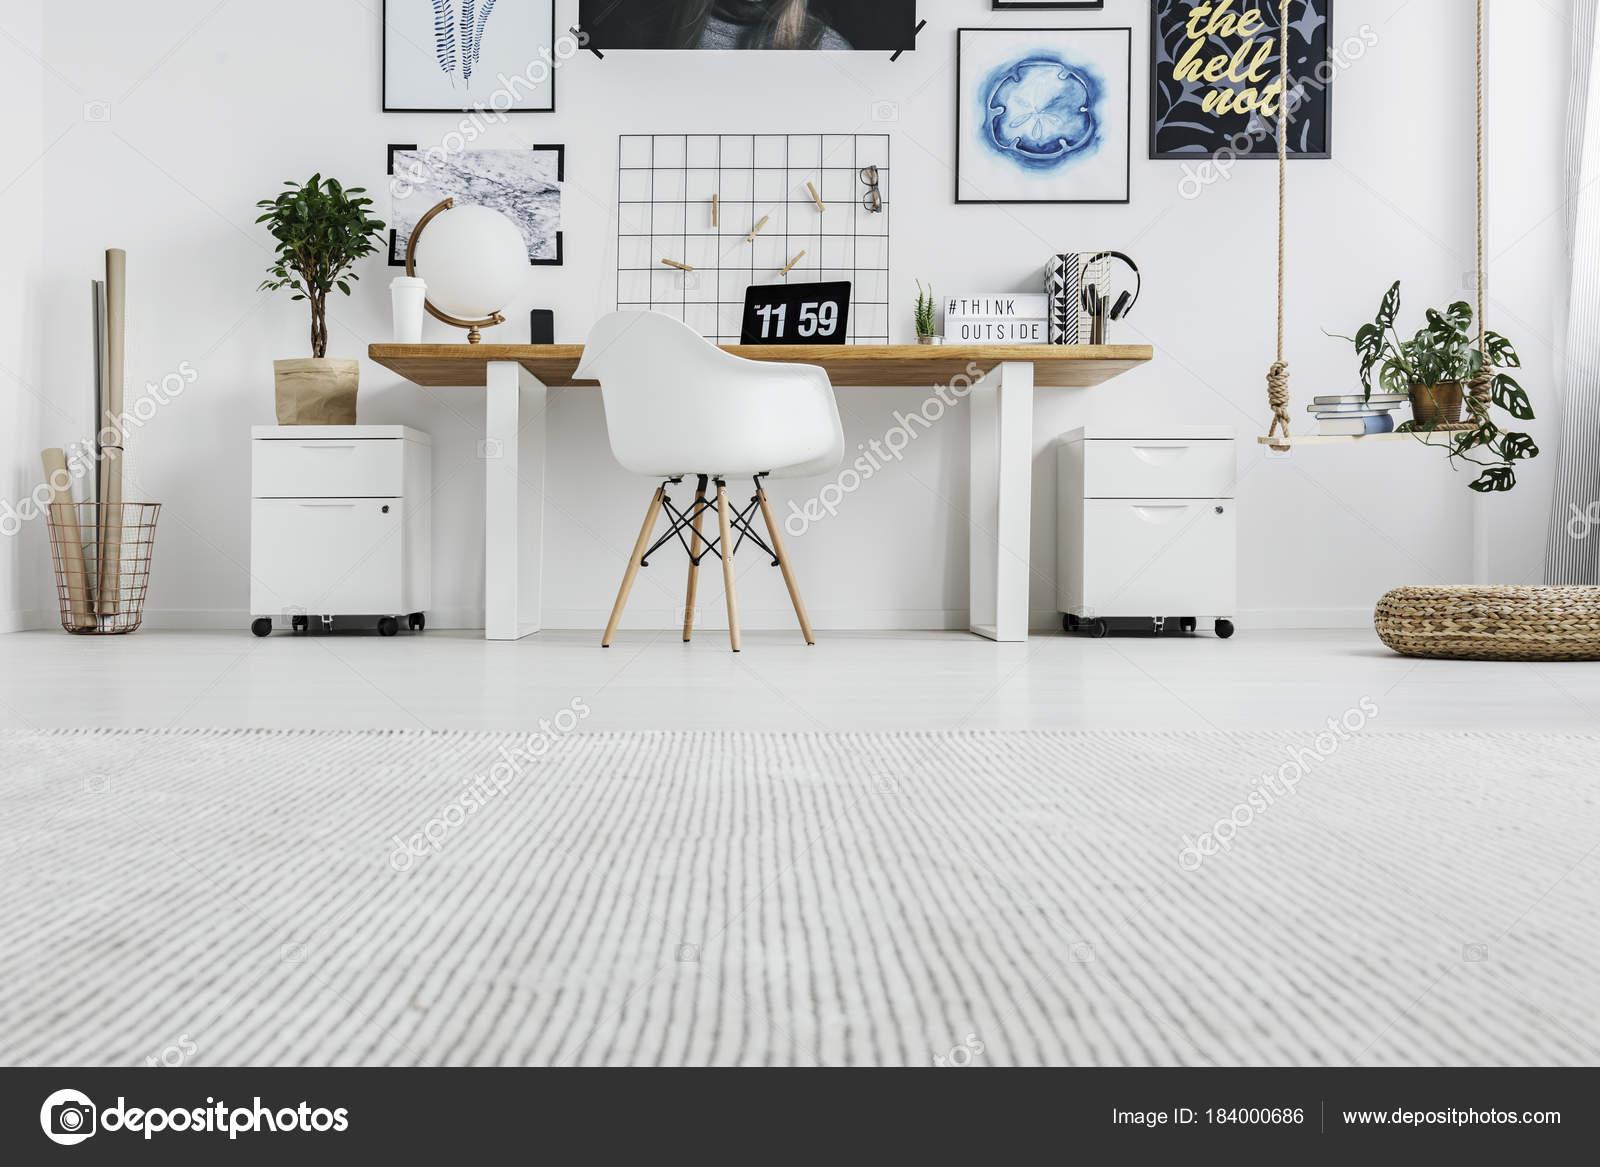 Schommel In Huis : Lage hoek van kantoor aan huis u2014 stockfoto © photographee.eu #184000686